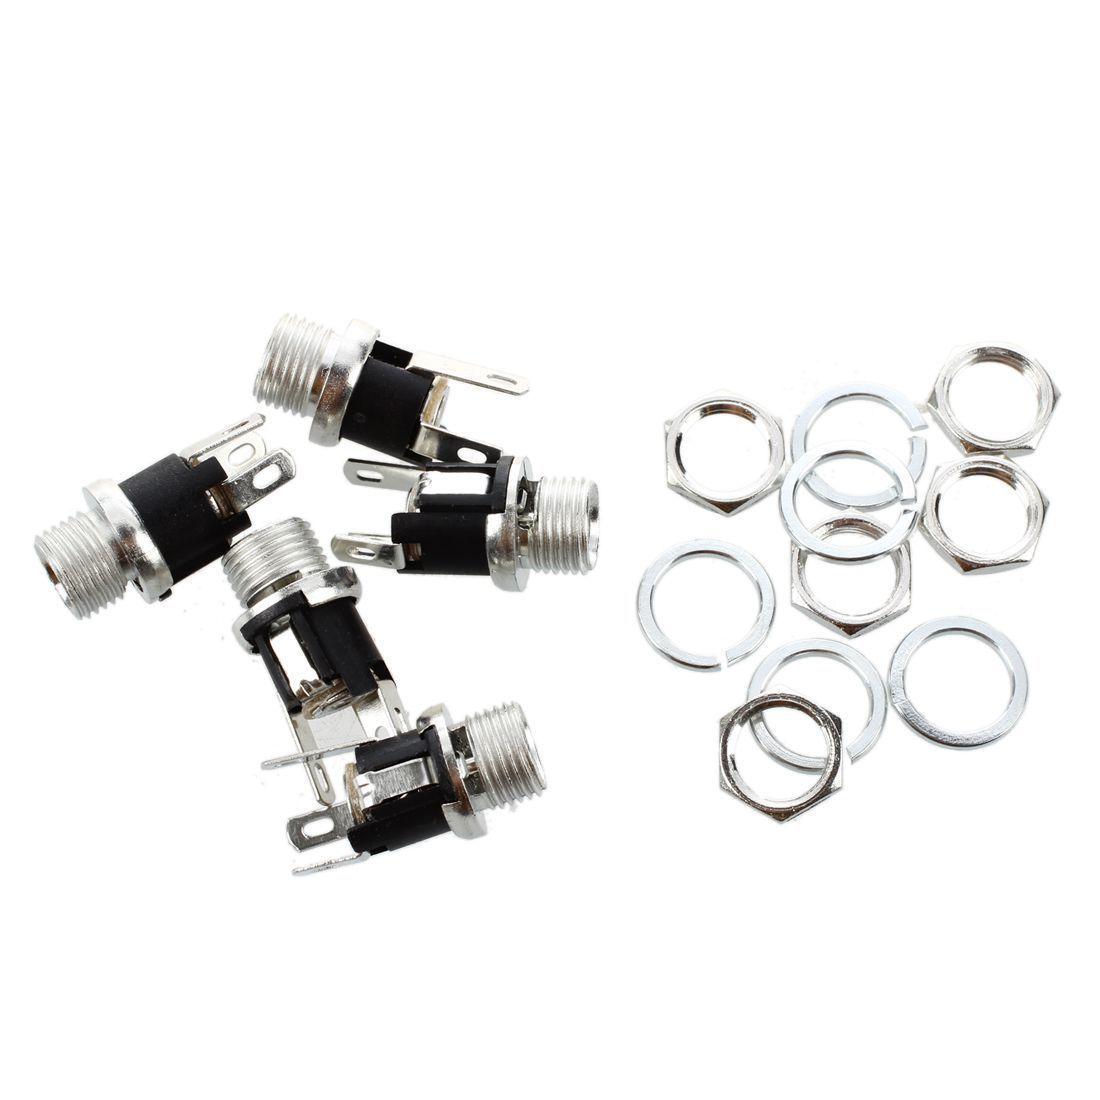 5 Pcs DC Prise d'alimentation Socket Femelle Panneau Monture Connecteur WT